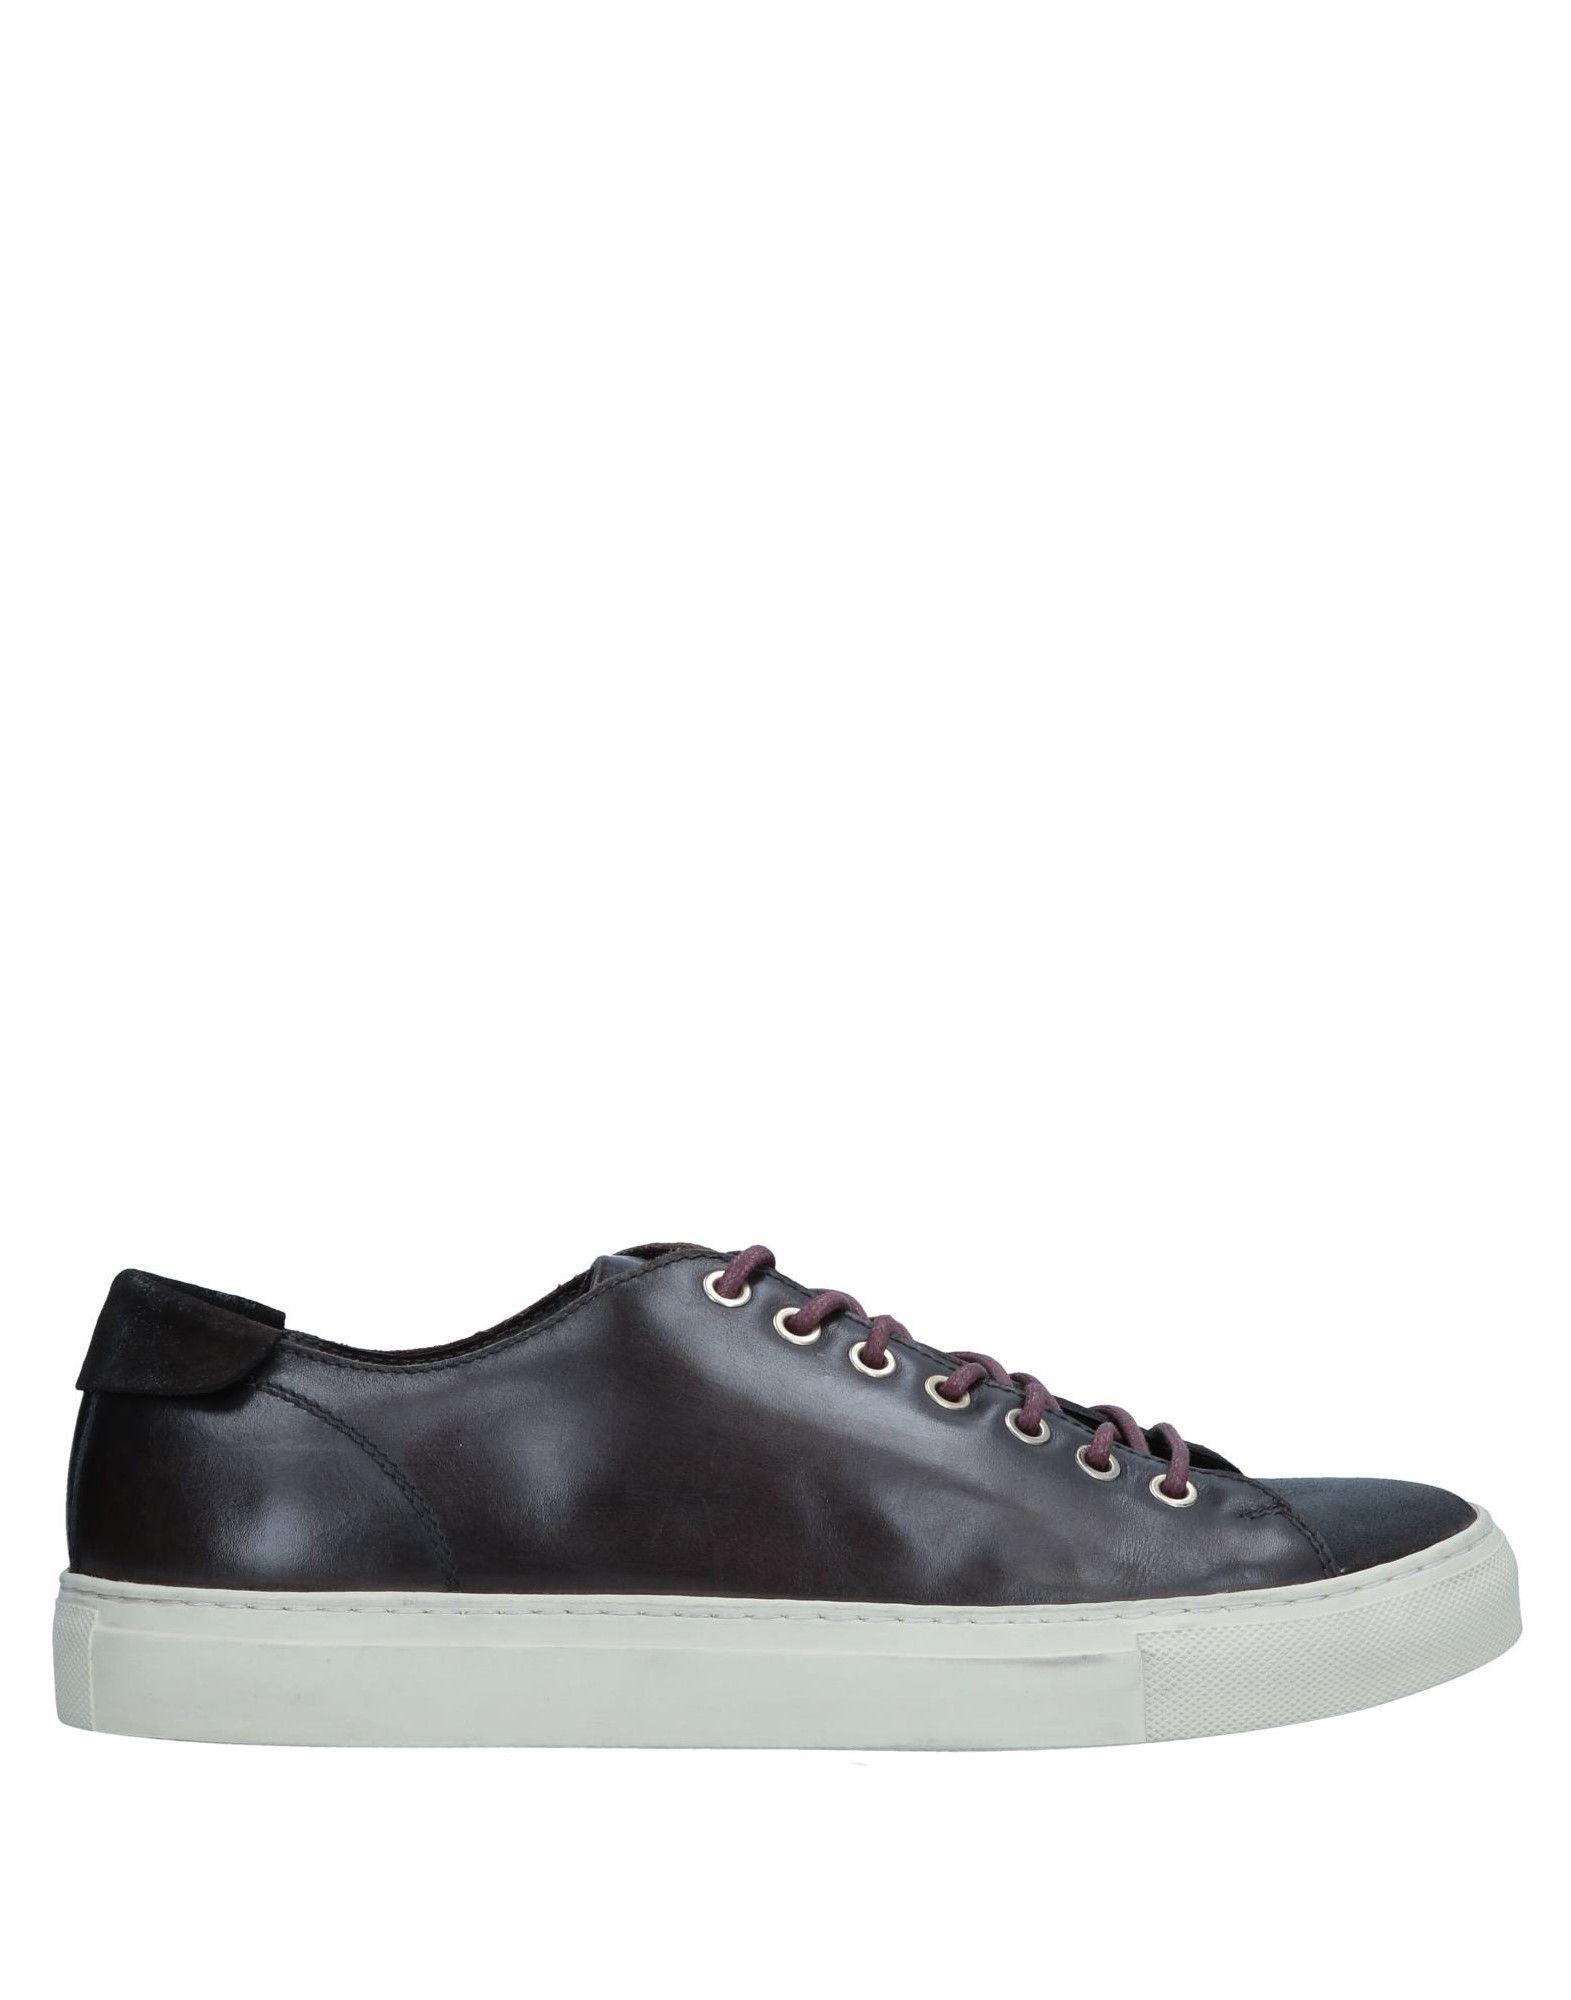 Sneakers Dama Uomo - 11545955WI Scarpe economiche e buone